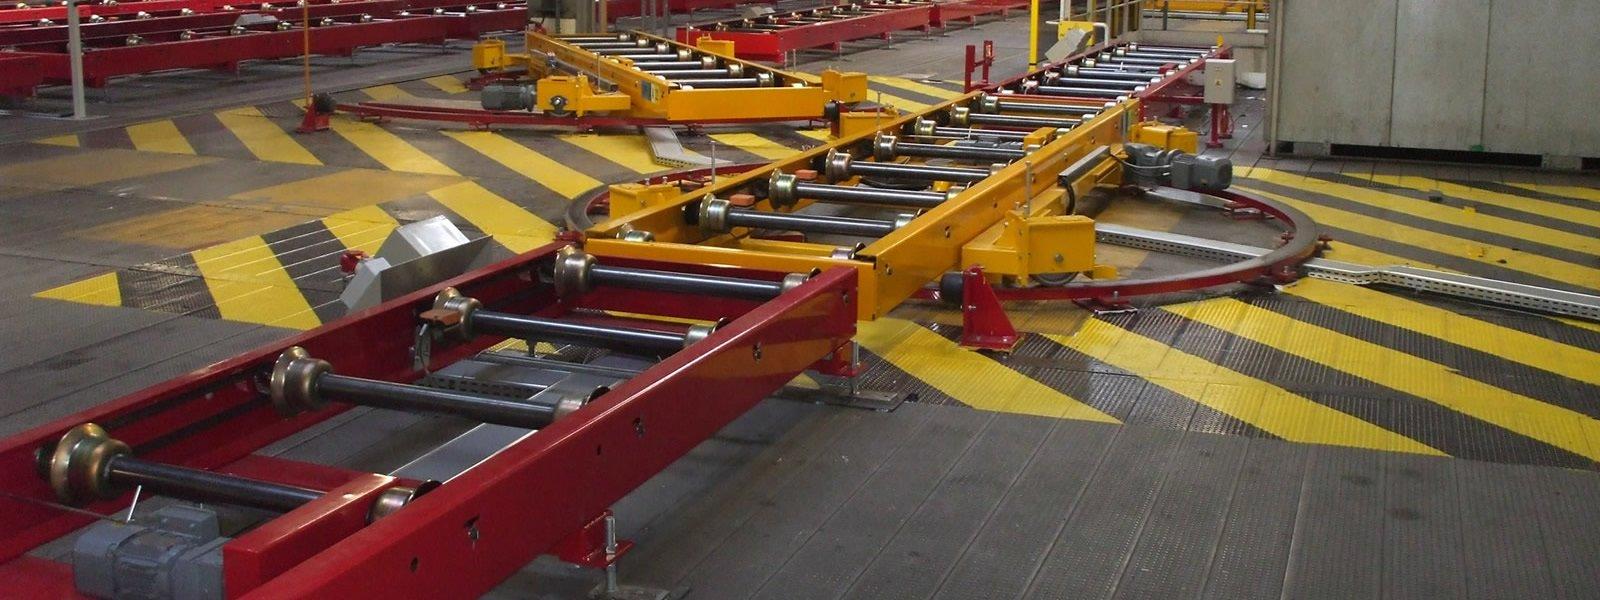 Manutention de skid dans un atelier de peinture automobile chez Renault Sandouville avec des tables à galet ATS Group, Appalette Tourtellier Systèmes, ATS Conveyors India, HERO Fördertechnik